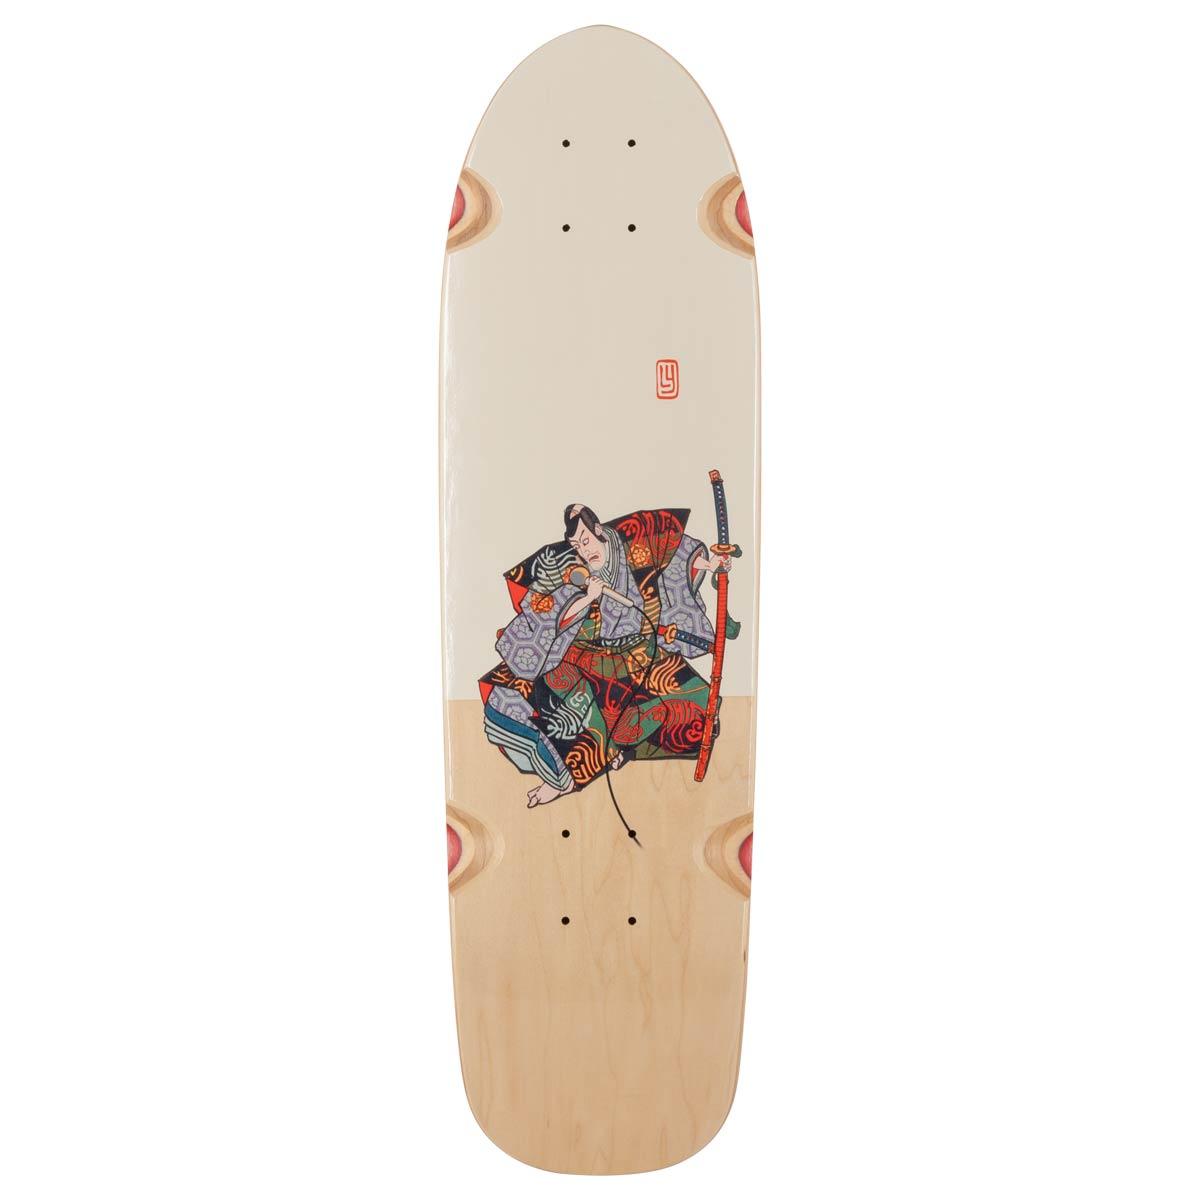 Landyachtz_Dinghy-Karaoke-Samurai_Cruisers_Longboard_Skateboard_Deck-Face